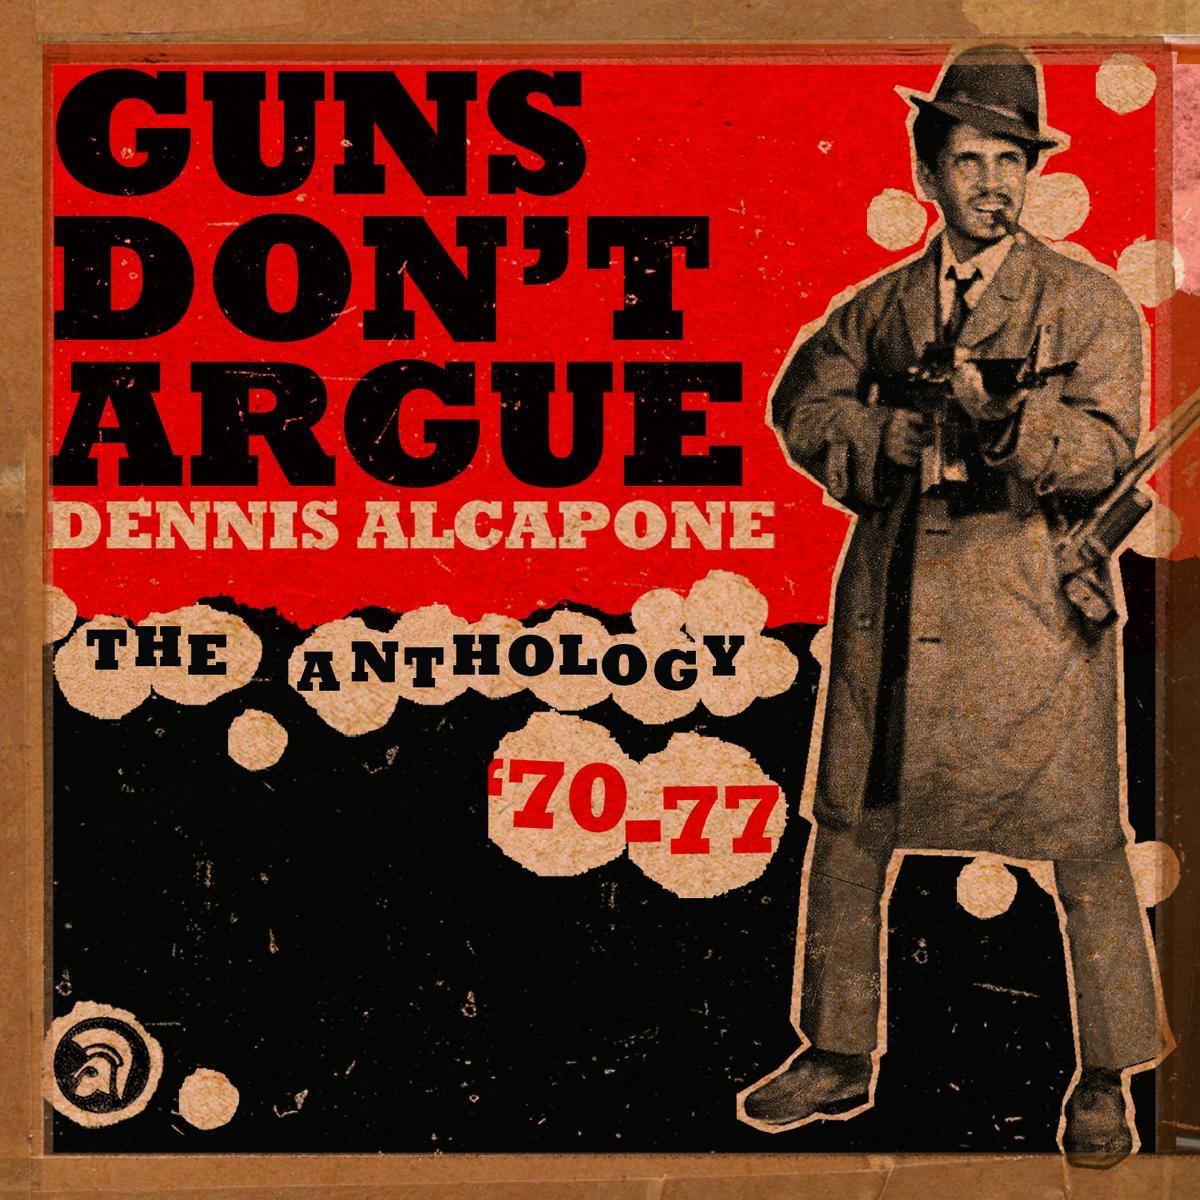 Dennis Alcapone Guns Dont Argue